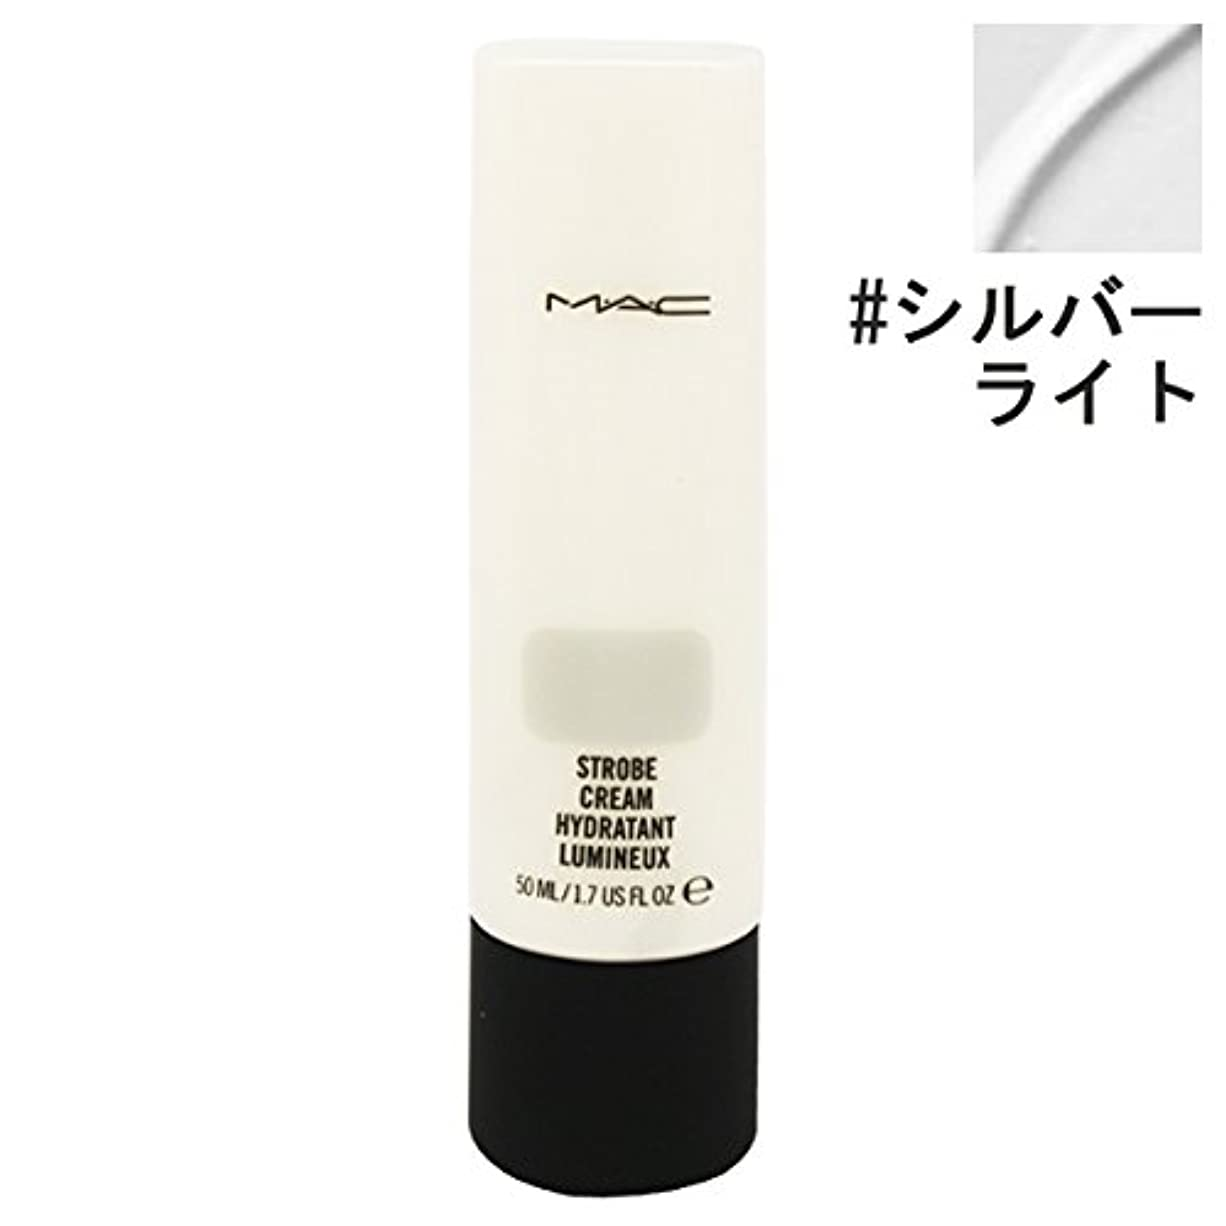 残酷な垂直熱心マック(MAC) ストロボ クリーム シルバー ライト/Silver Light 50ml [並行輸入品]